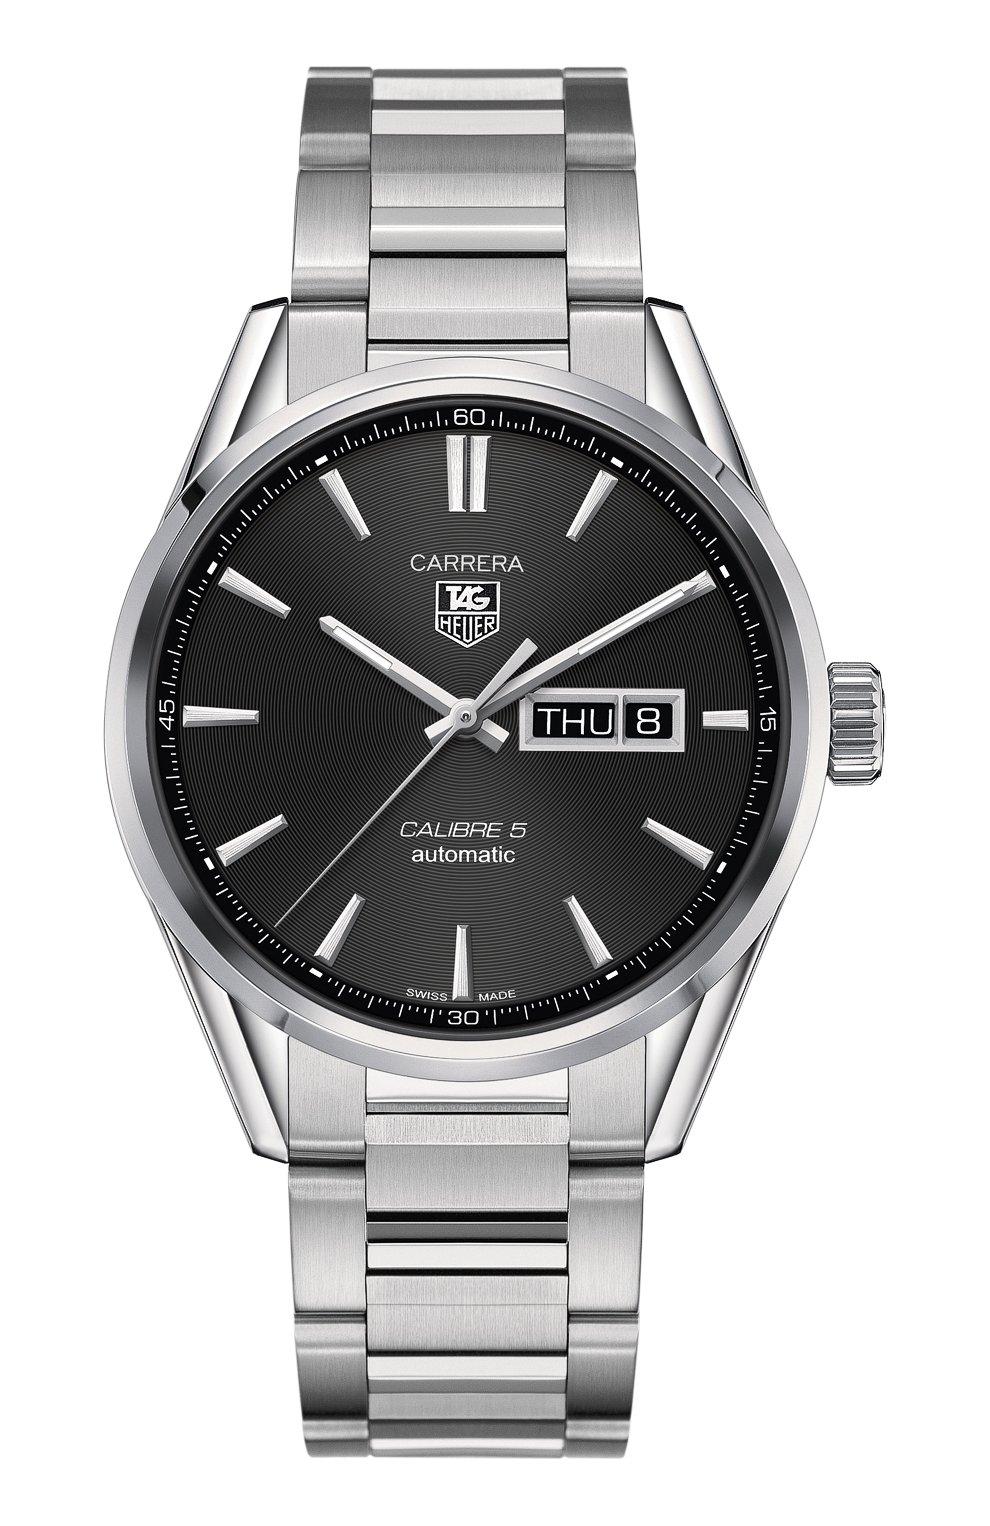 Мужские часы calibre 5 day-date TAG HEUER бесцветного цвета, арт. WAR201A.BA0723 | Фото 1 (Механизм: Автомат; Материал корпуса: Сталь; Цвет циферблата: Чёрный)